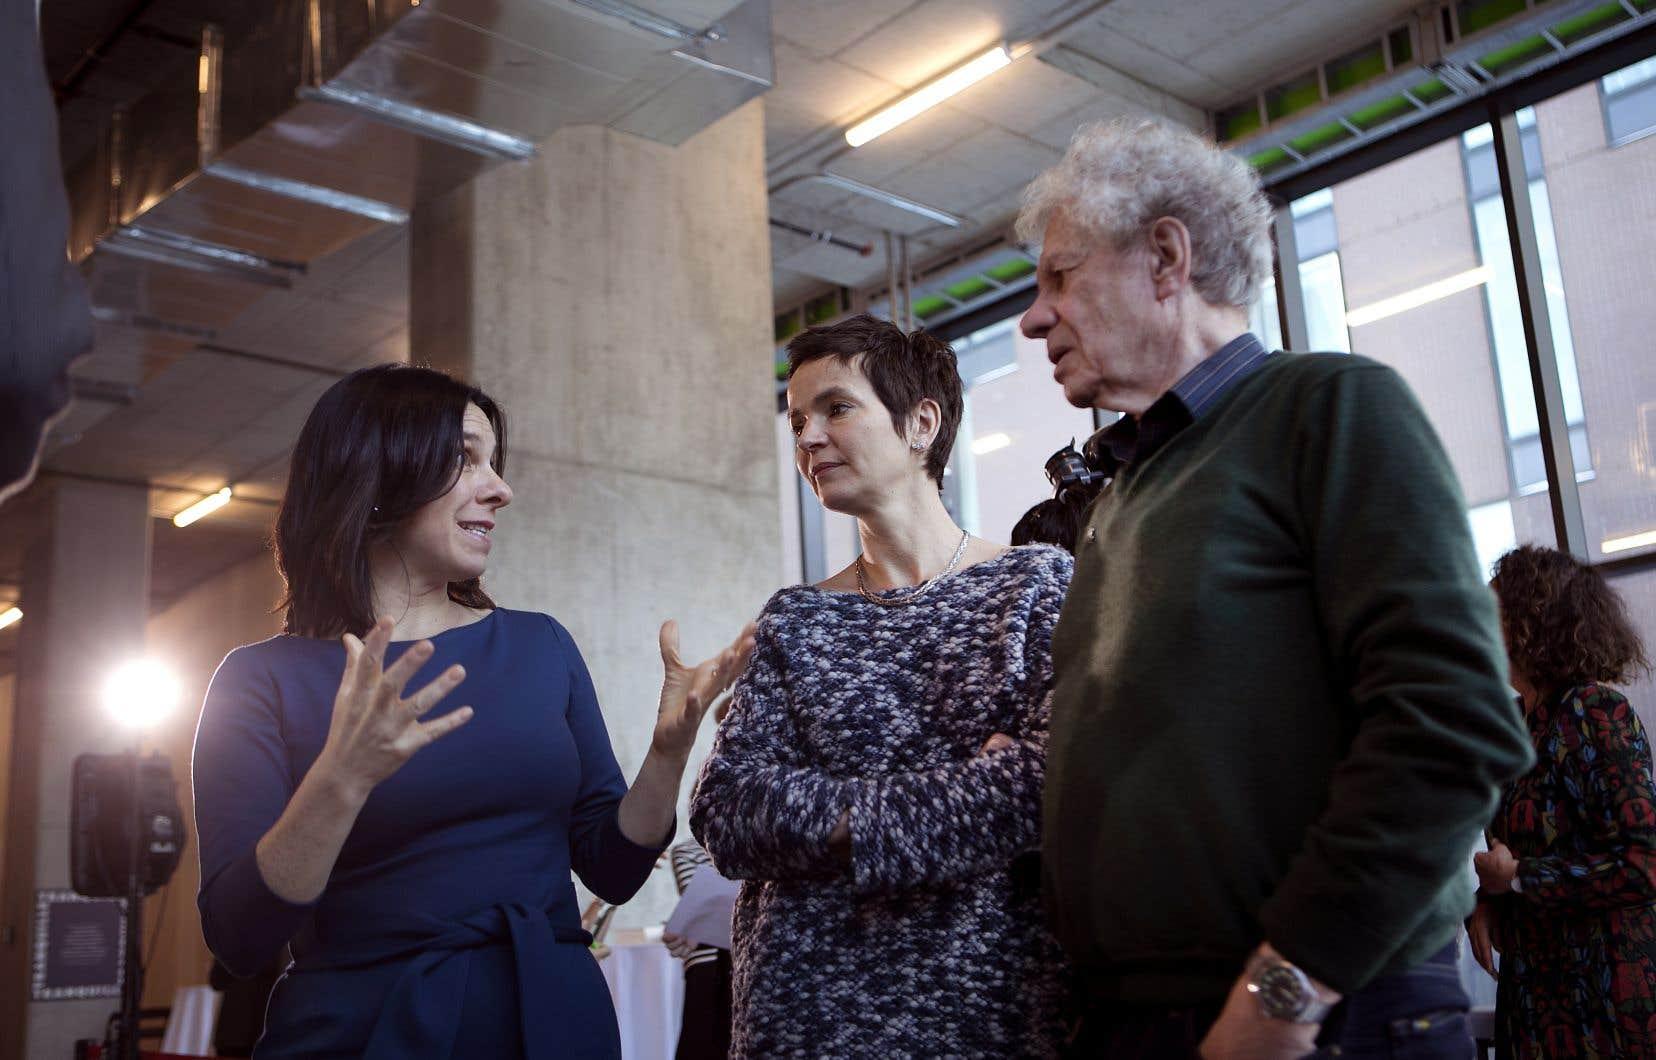 La mairesse de Montréal, Valérie Plante, discutant avec l'écrivaine et cinéaste Anaïs Barbeau-Lavalette et avec l'écrivain Yves Beauchemin lors de l'annonce de l'esplanade Tranquille, mercredi.